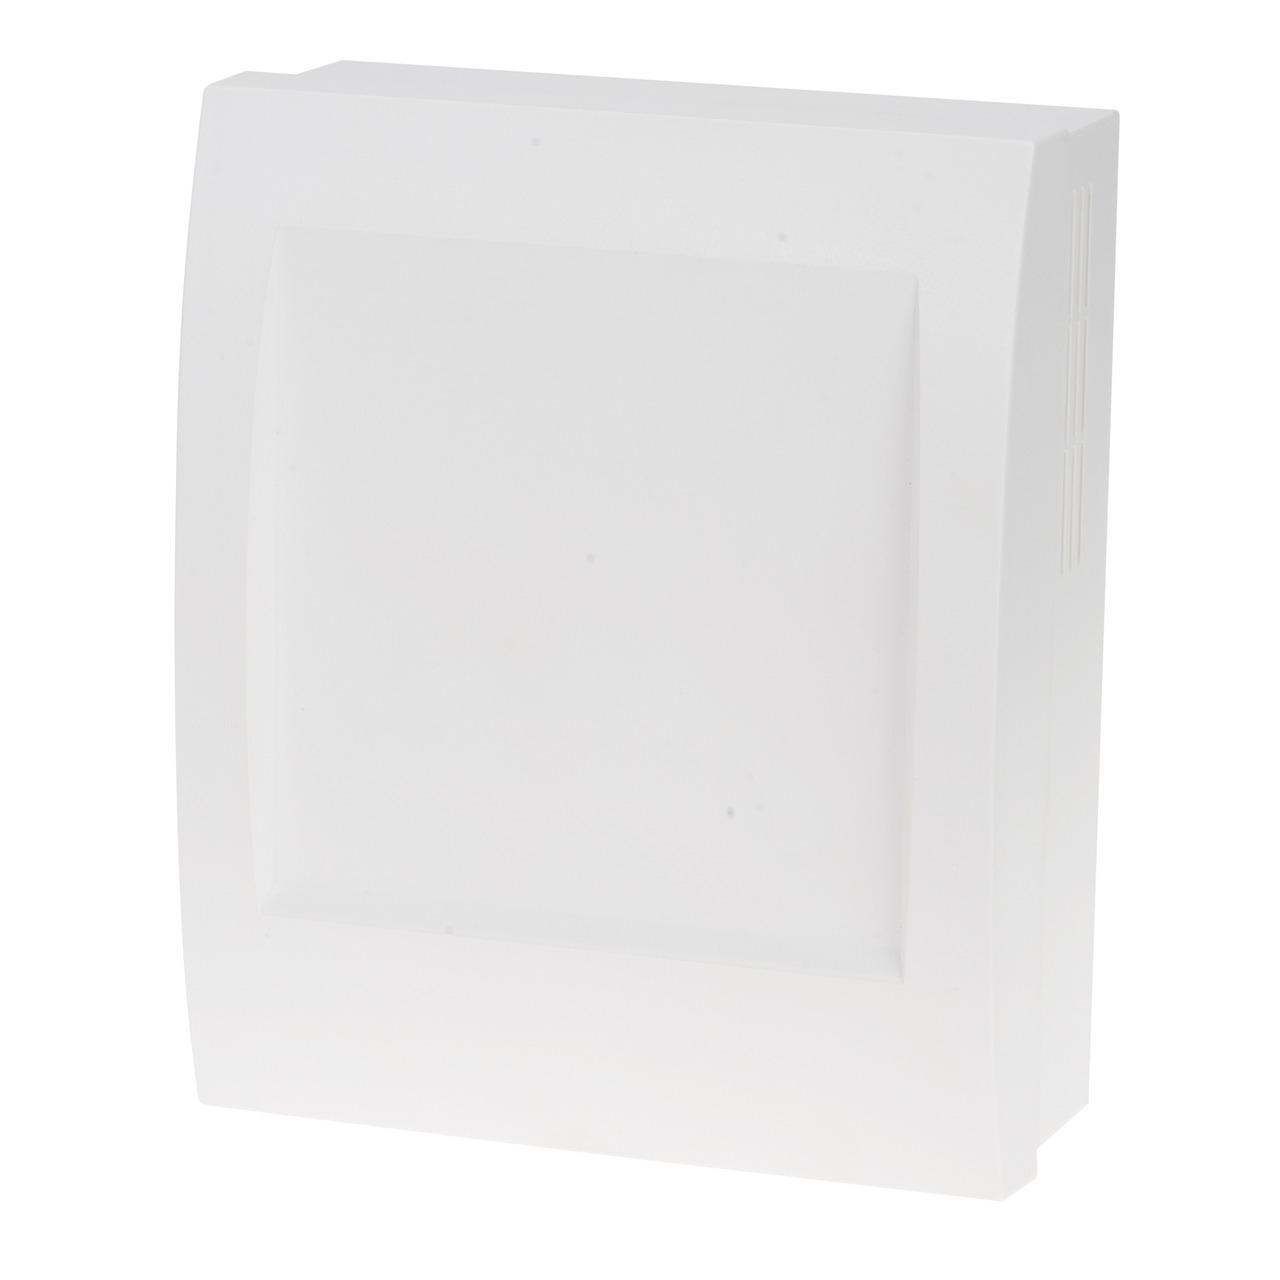 H-Tronic Universal Installations-Gehäuse- für Wandmontage oder Hutschiene TS 35